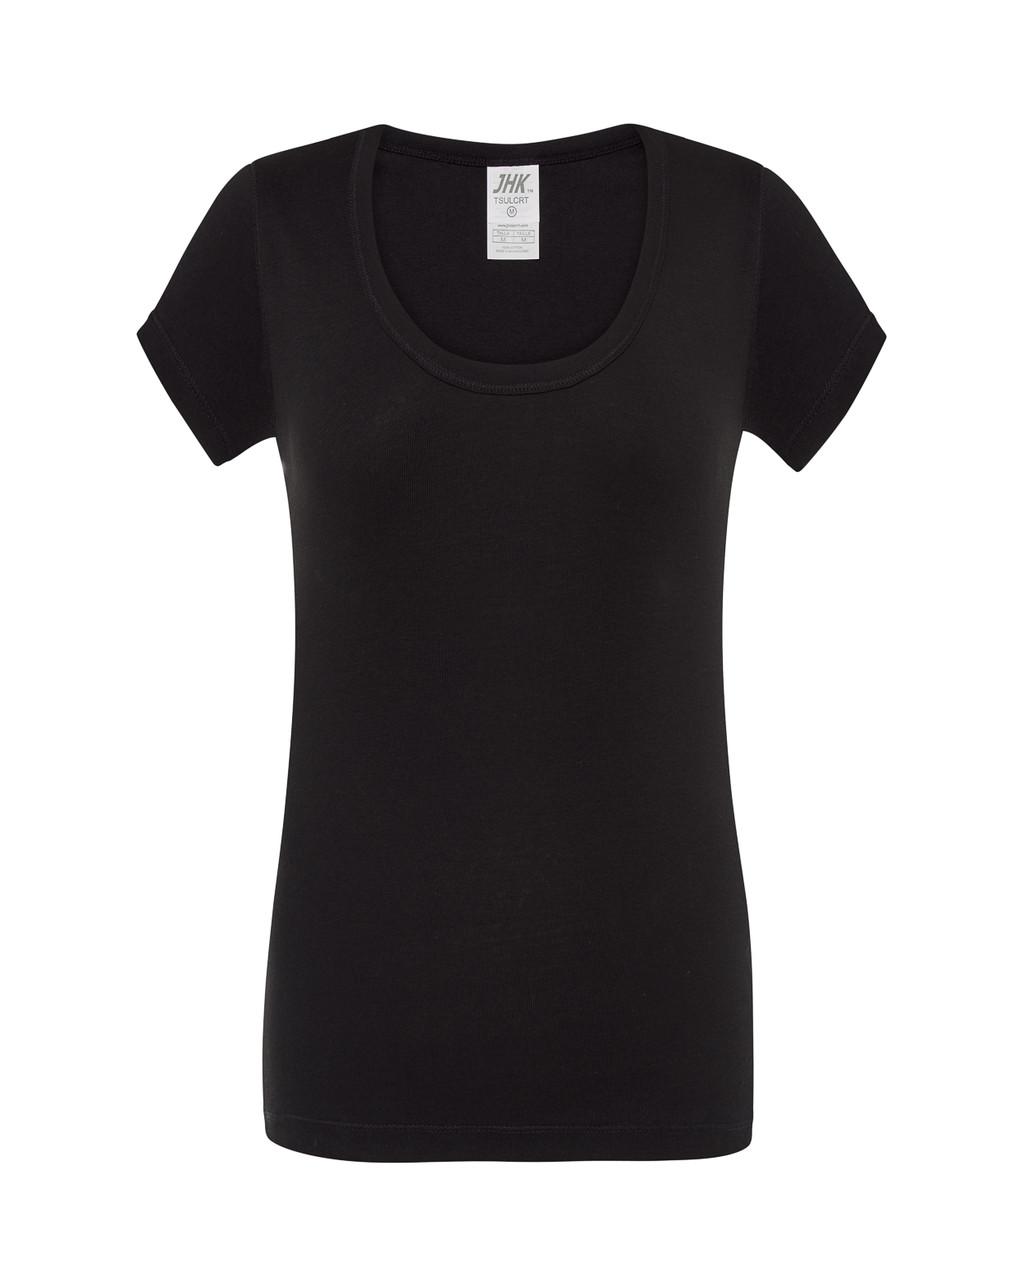 Женская футболка JHK CRETA цвет черный (BK)